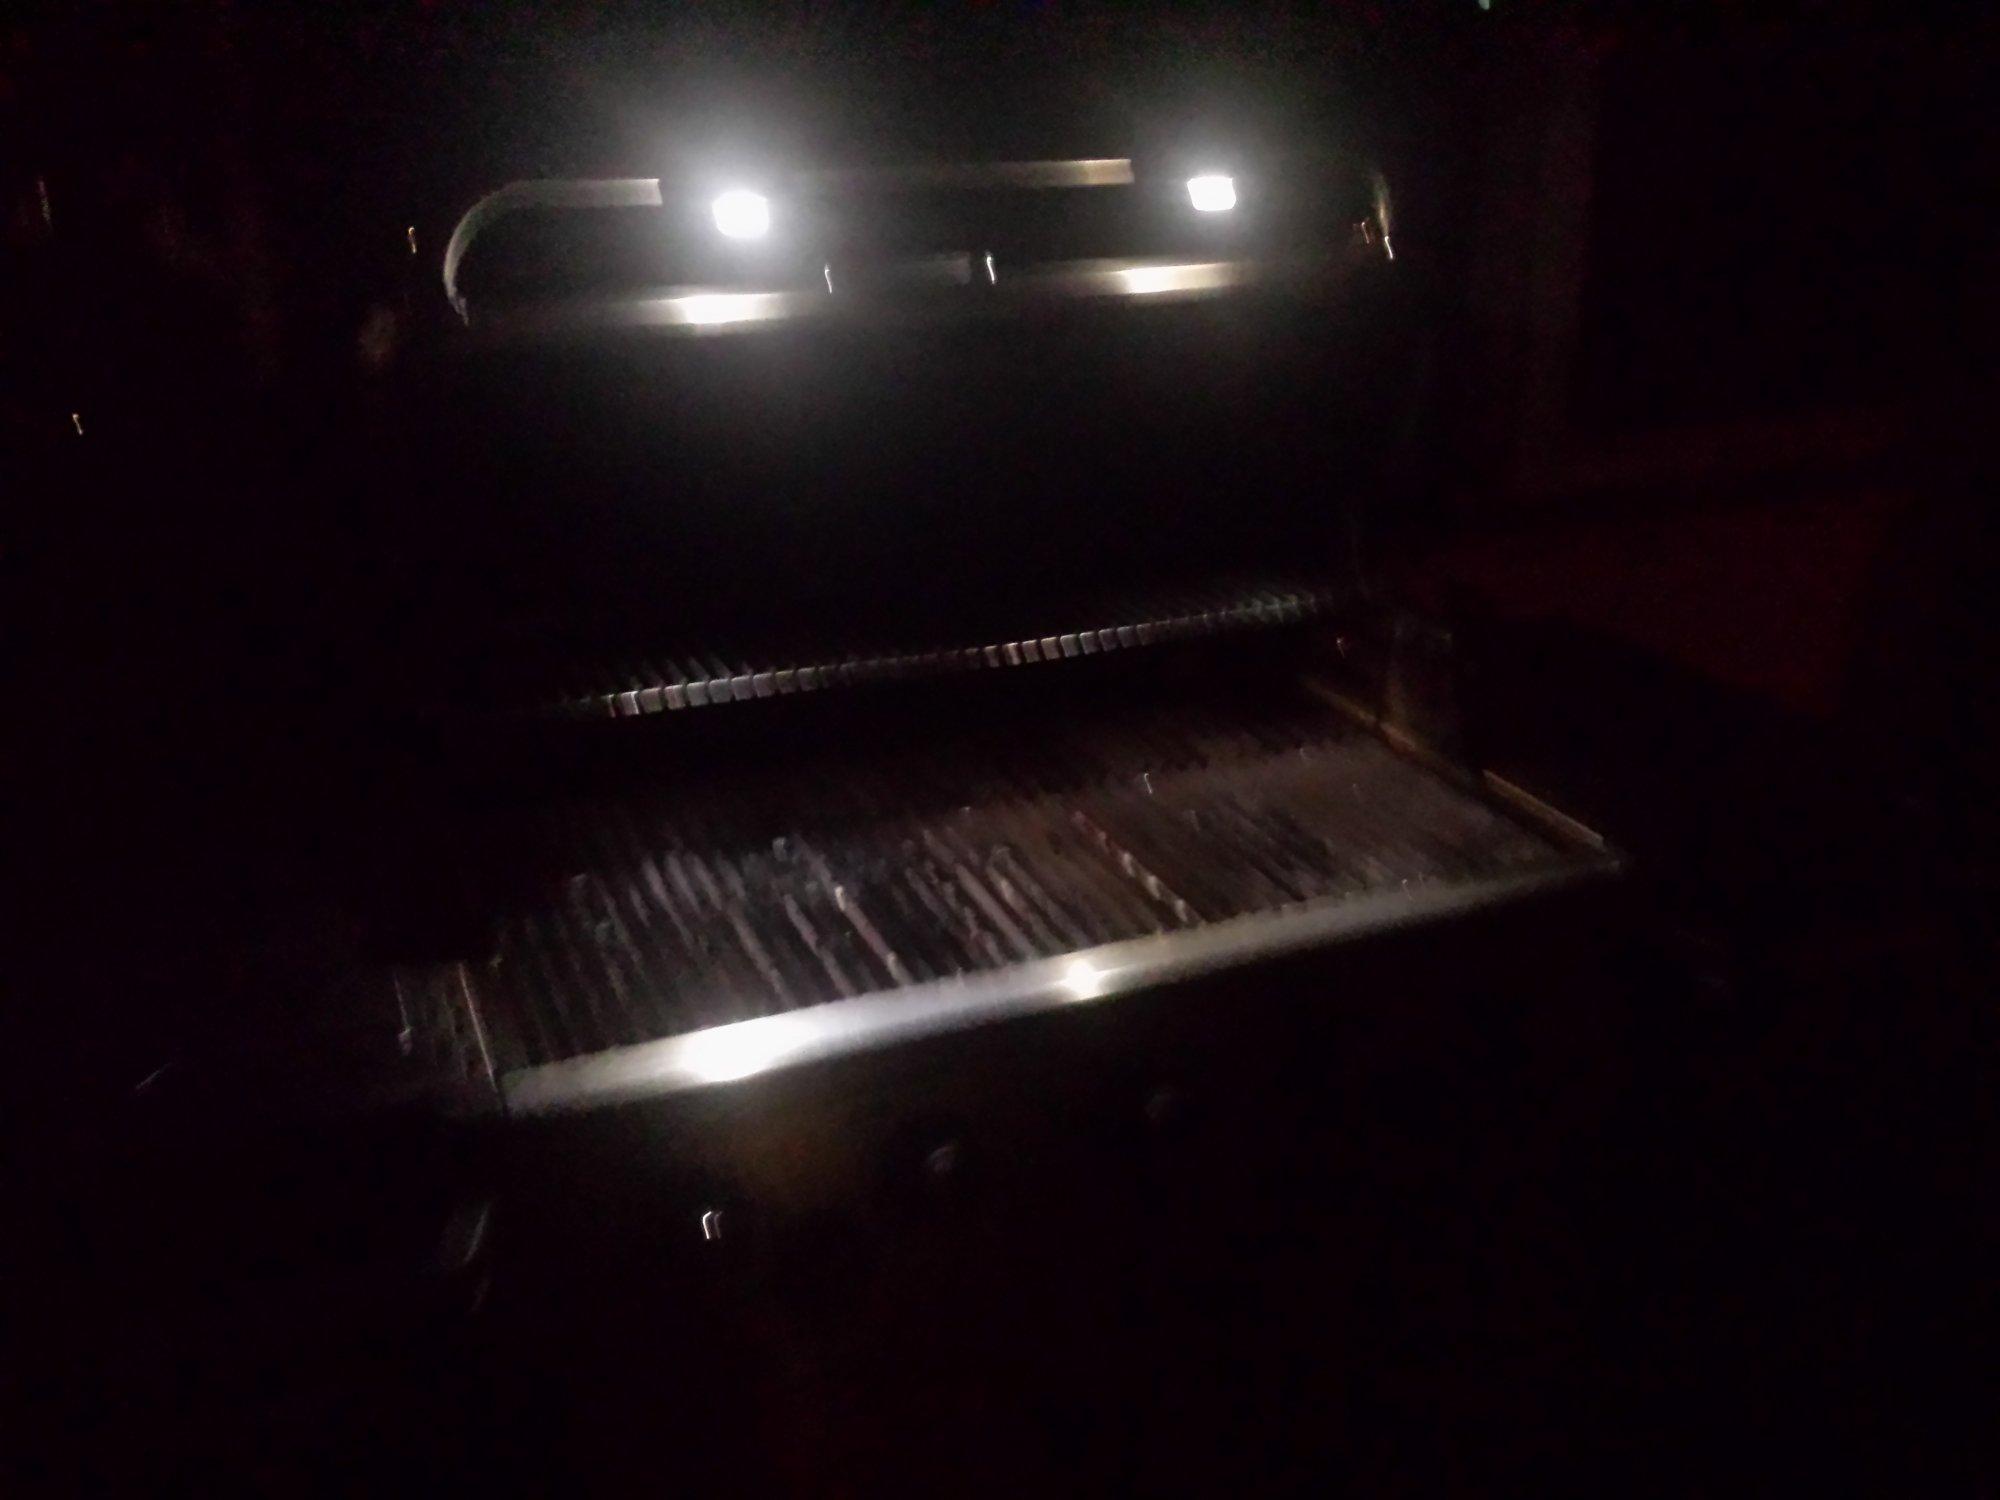 Enders Gasgrill Lincoln 2 Abdeckung : Licht im deckel für bk regal 490? grillforum und bbq www